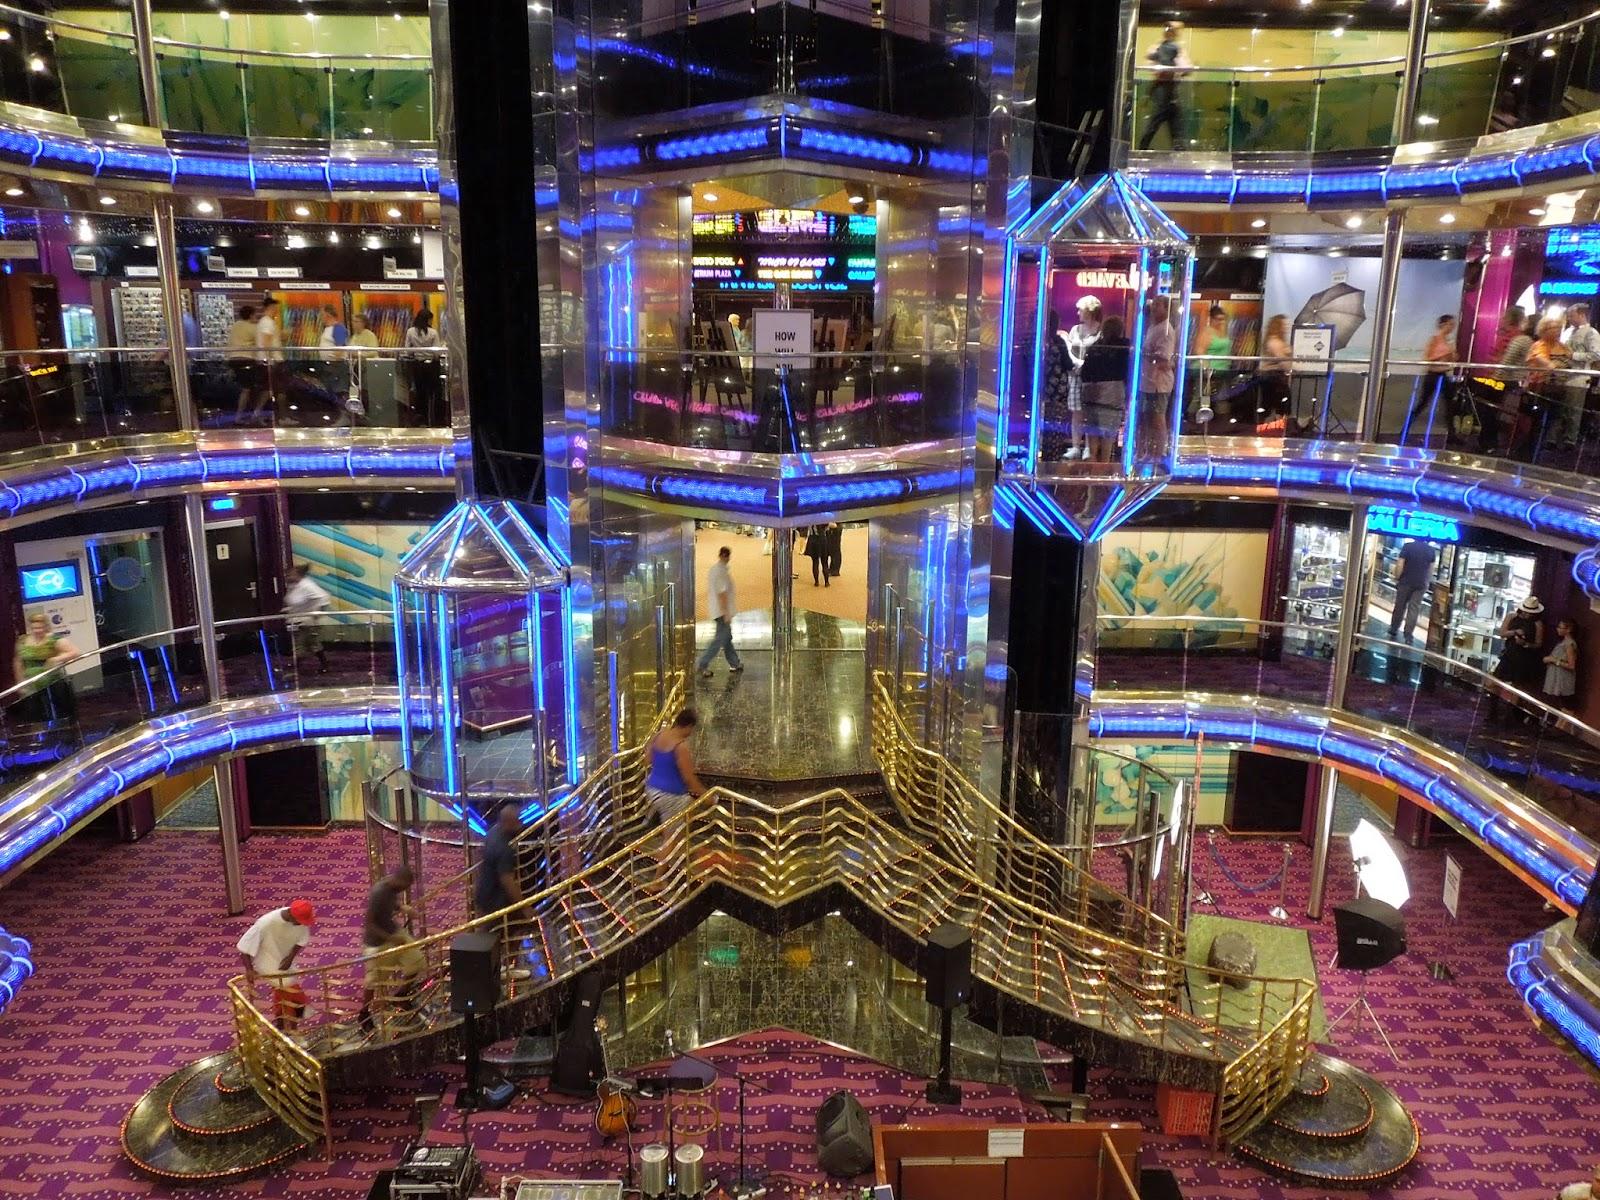 Carnival Sensation atrium at night